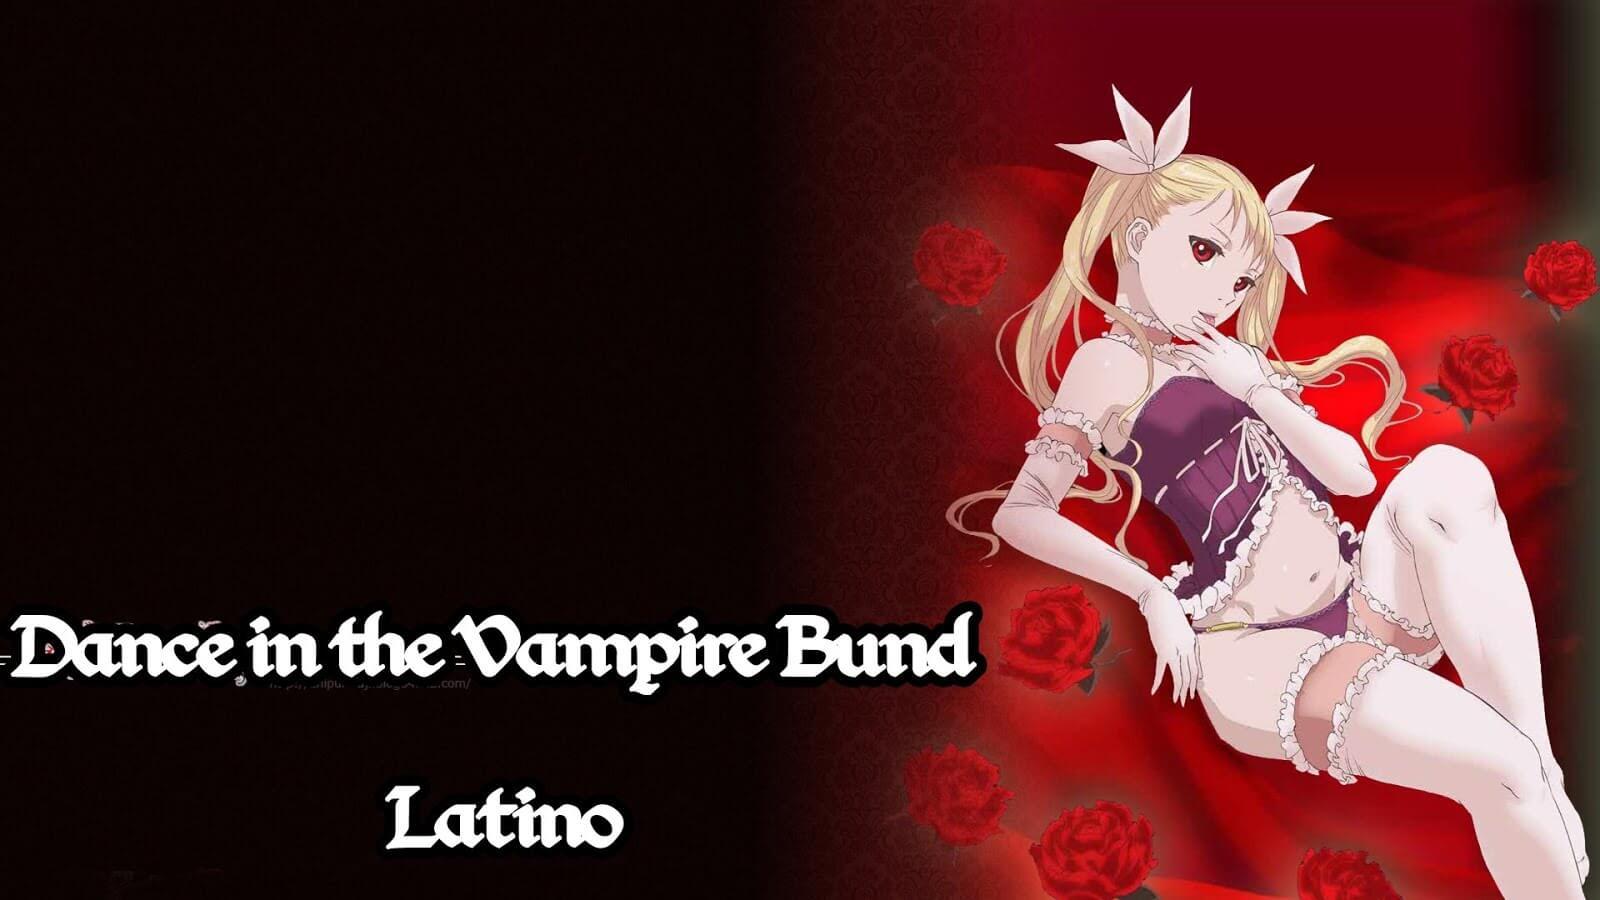 Descargar Dance in the Vampire Bund anime en español latino y japones subtitulado